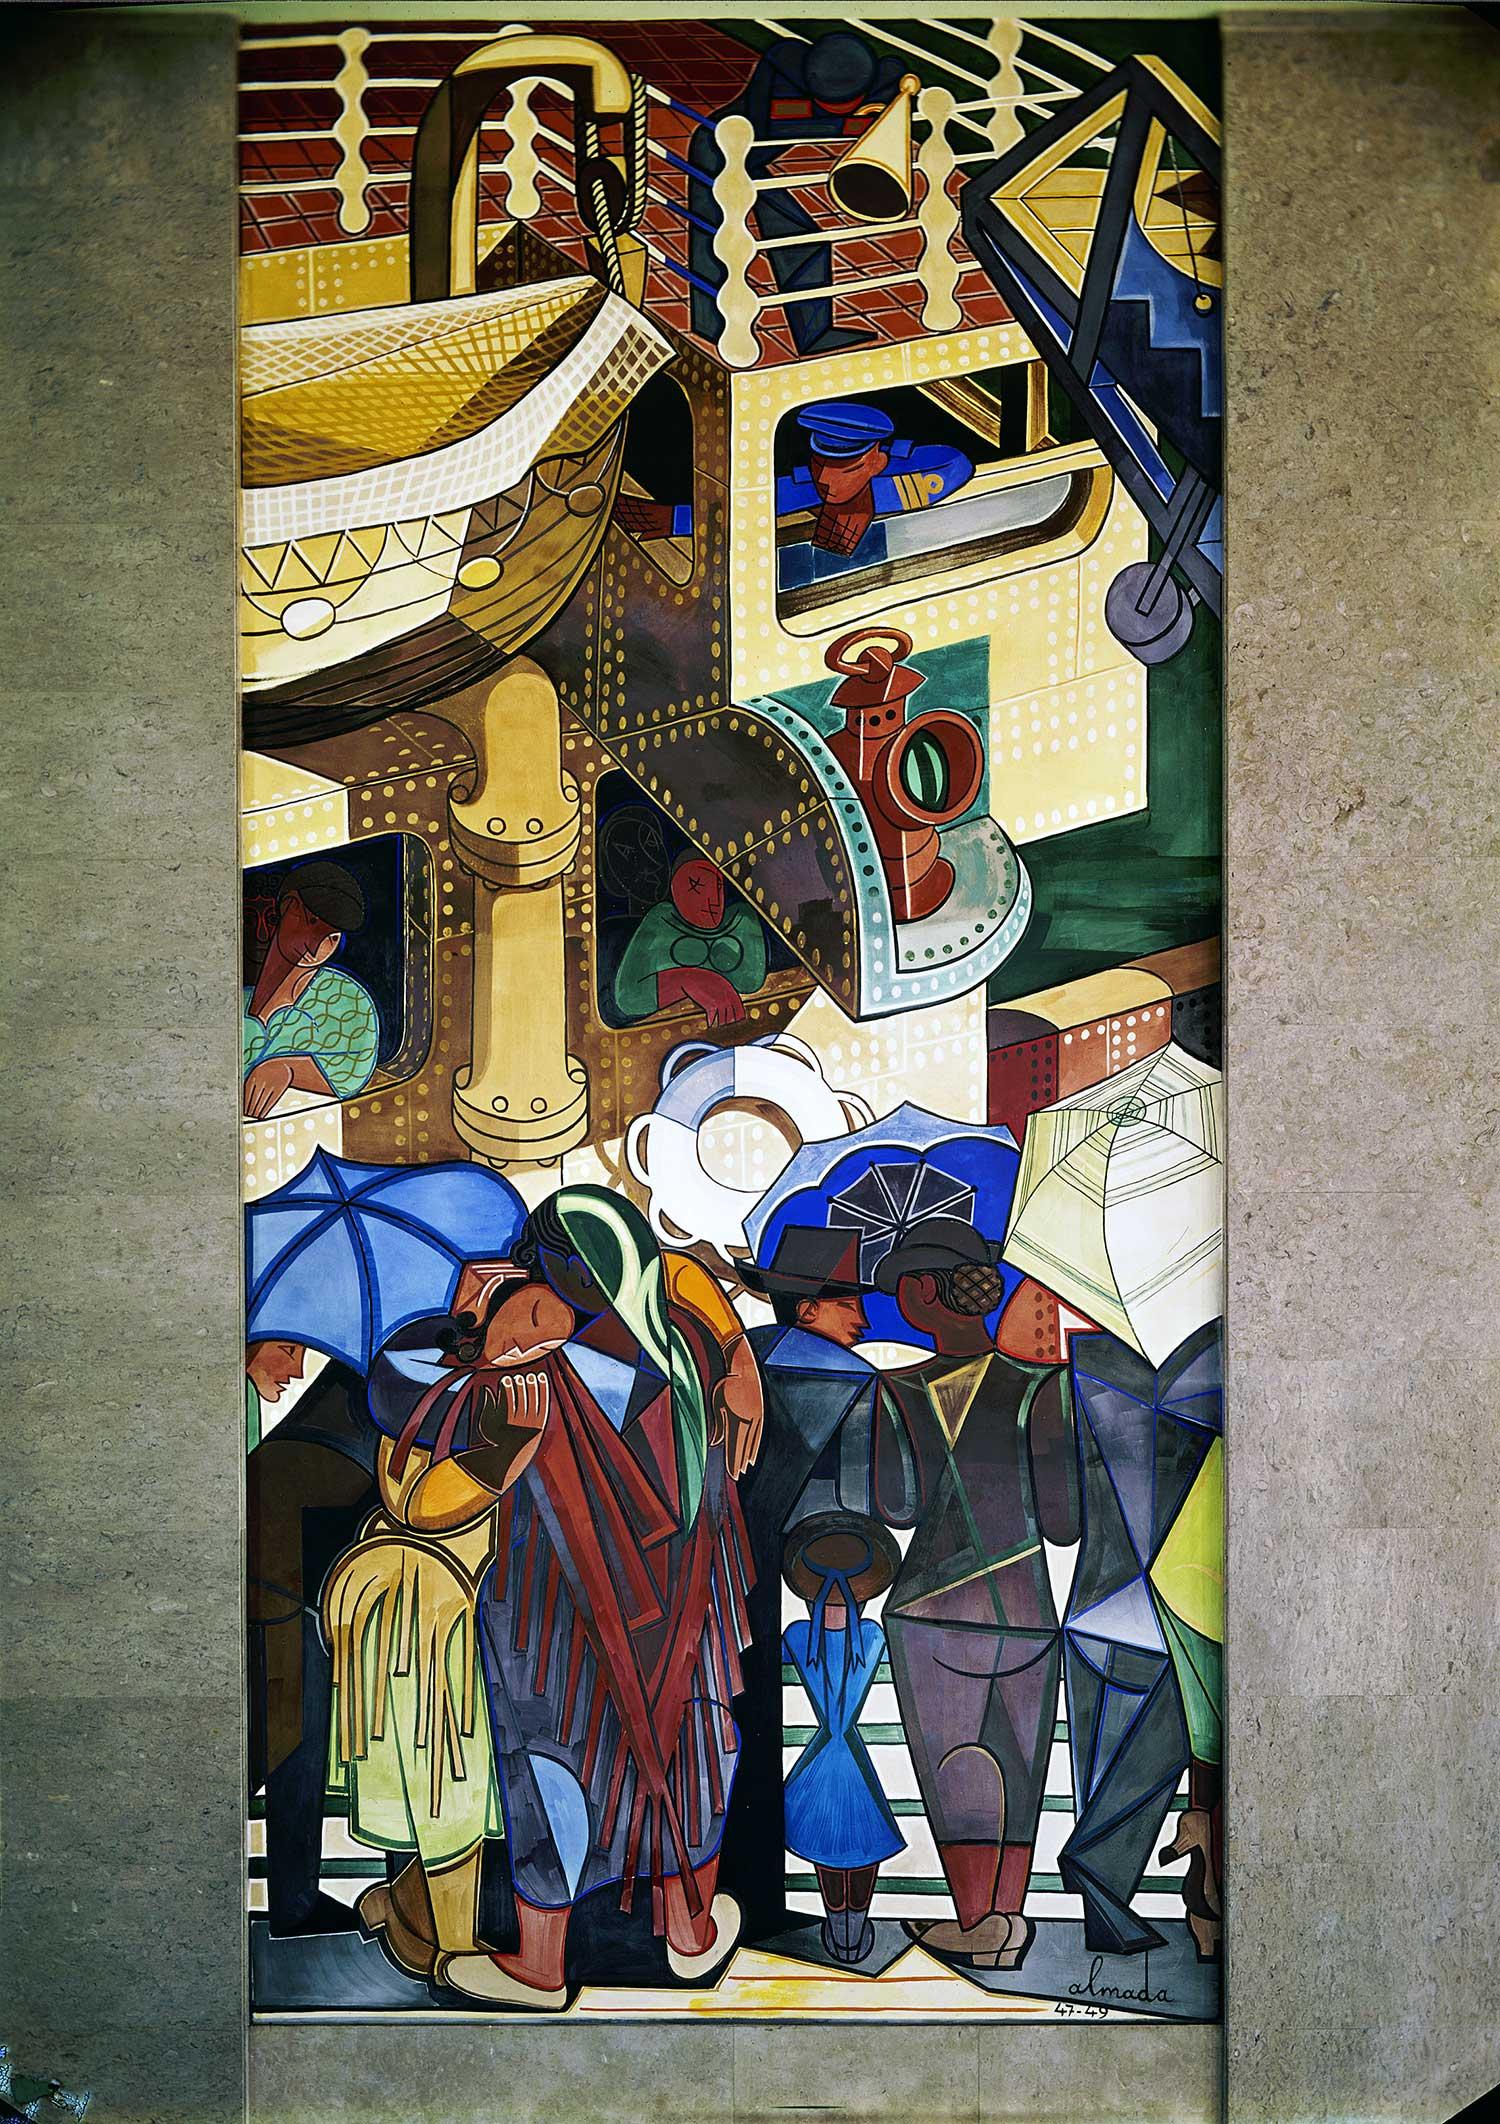 Gare Marítima da Rocha do Conde de Óbidos, Lisbon Artist: José de Almada Negreiros  Photo: Mário Novais, ca. 1943-1945, Lisbon  [CFT003_082280]